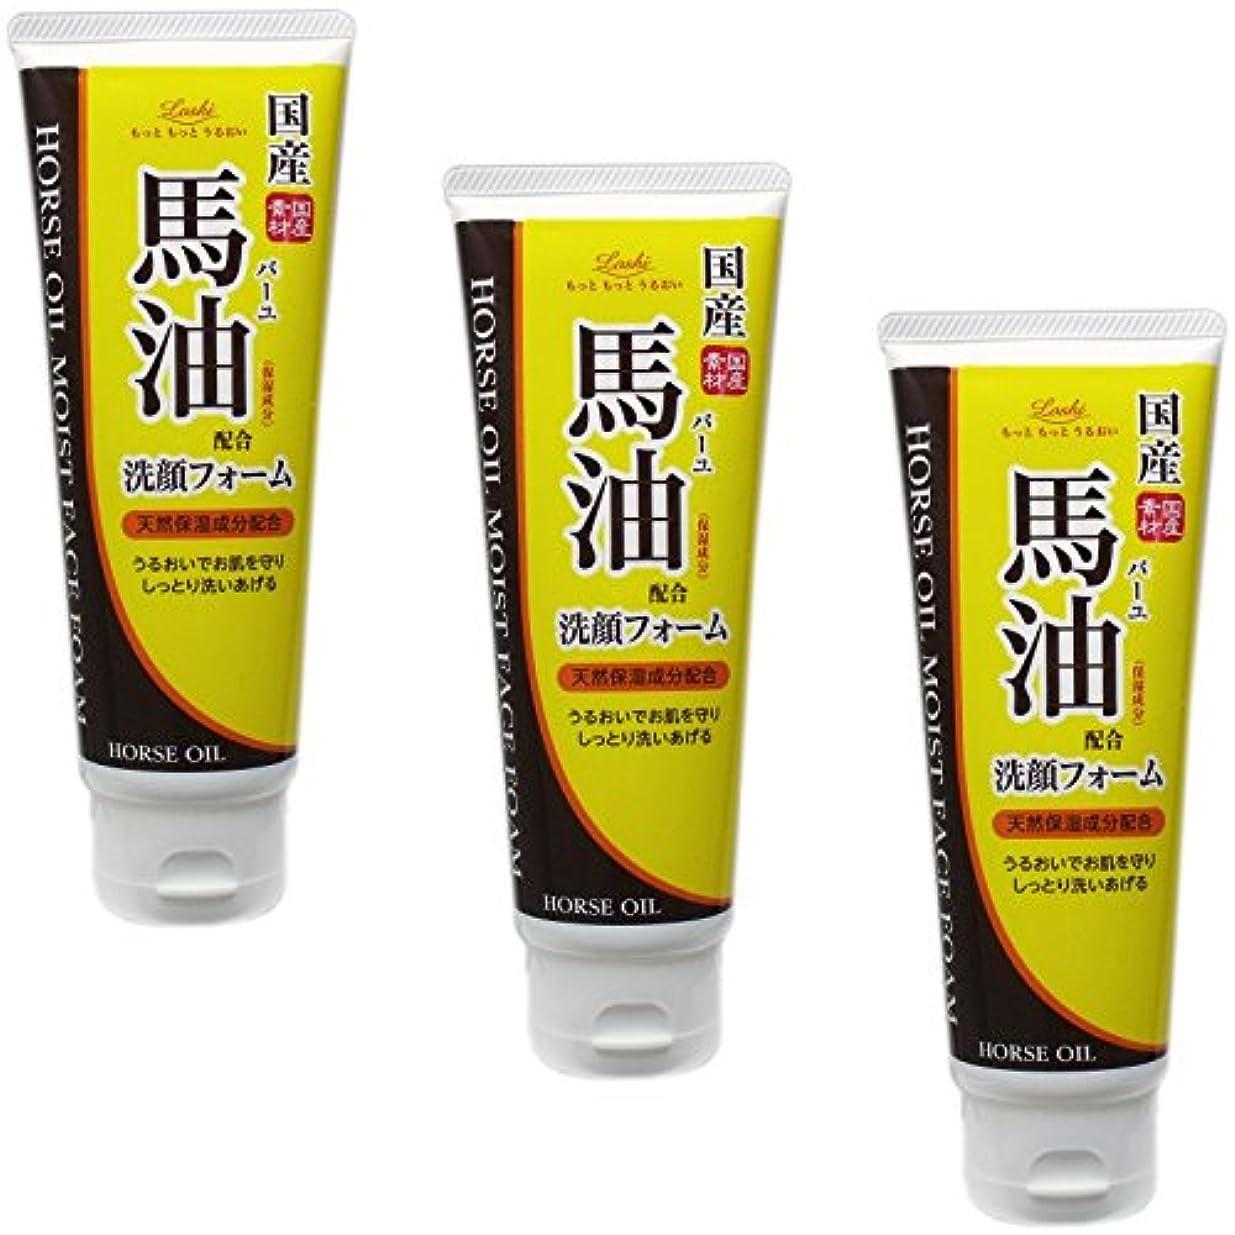 センサーアレルギー性タッチ【まとめ買い】ロッシ モイストエイド 馬油ホイップ洗顔フォーム 130g【×3個】